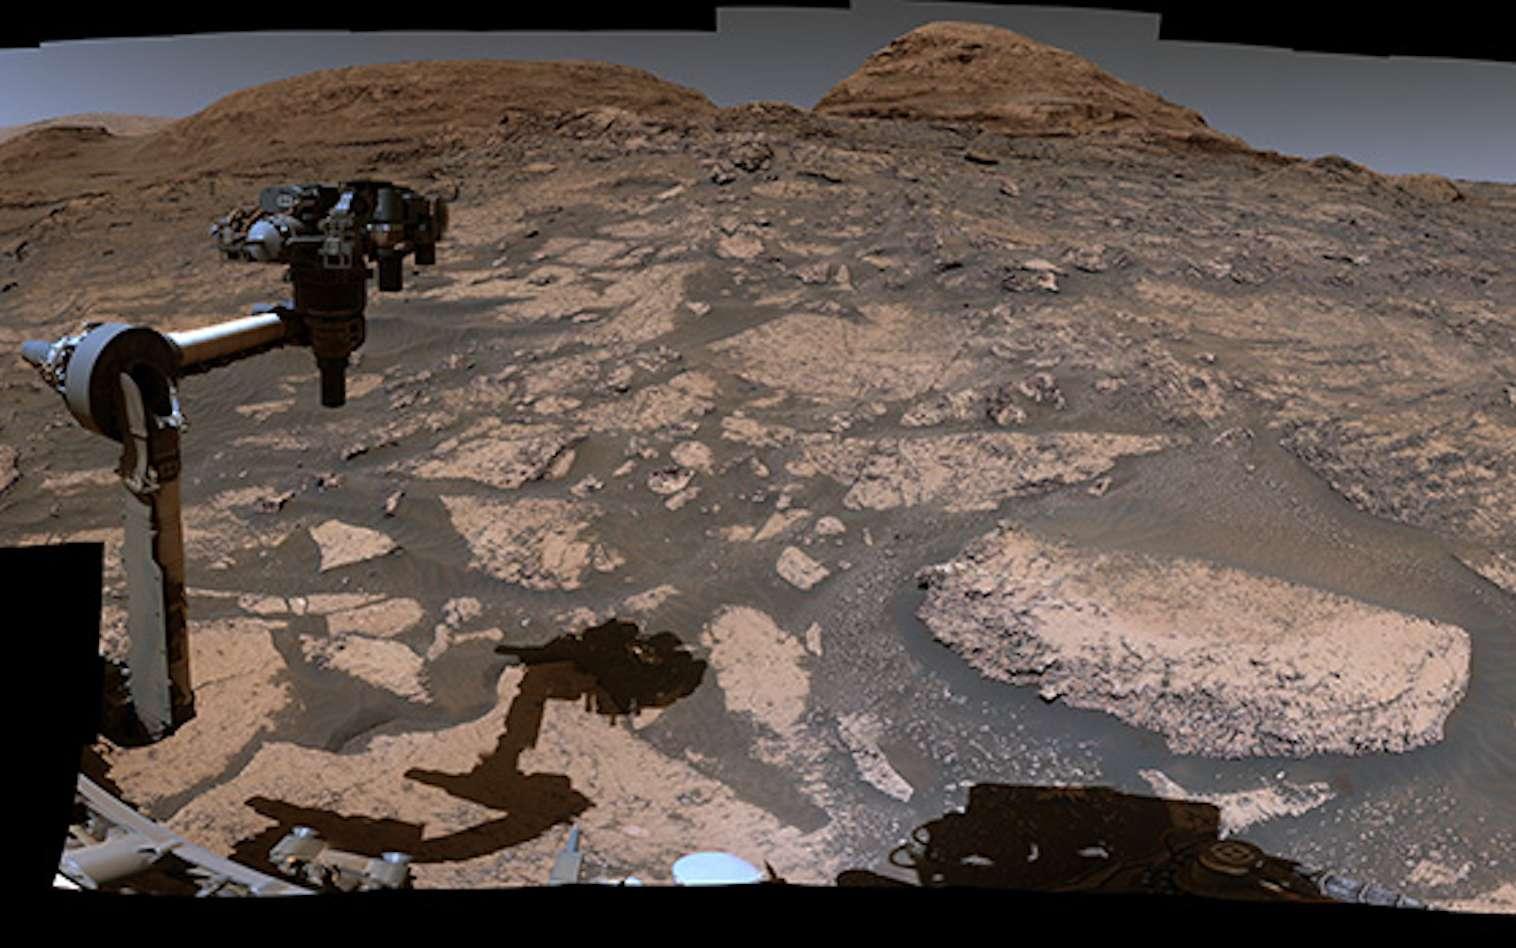 Le 3 juillet 2021, près de neuf ans après s'être posé à la surface de Mars, le rover de la Nasa Curiosity renvoyait vers la Terre les 129 images qui ont permis de construire ce magnifique panorama. © Nasa, JPL-Caltech, MSSS